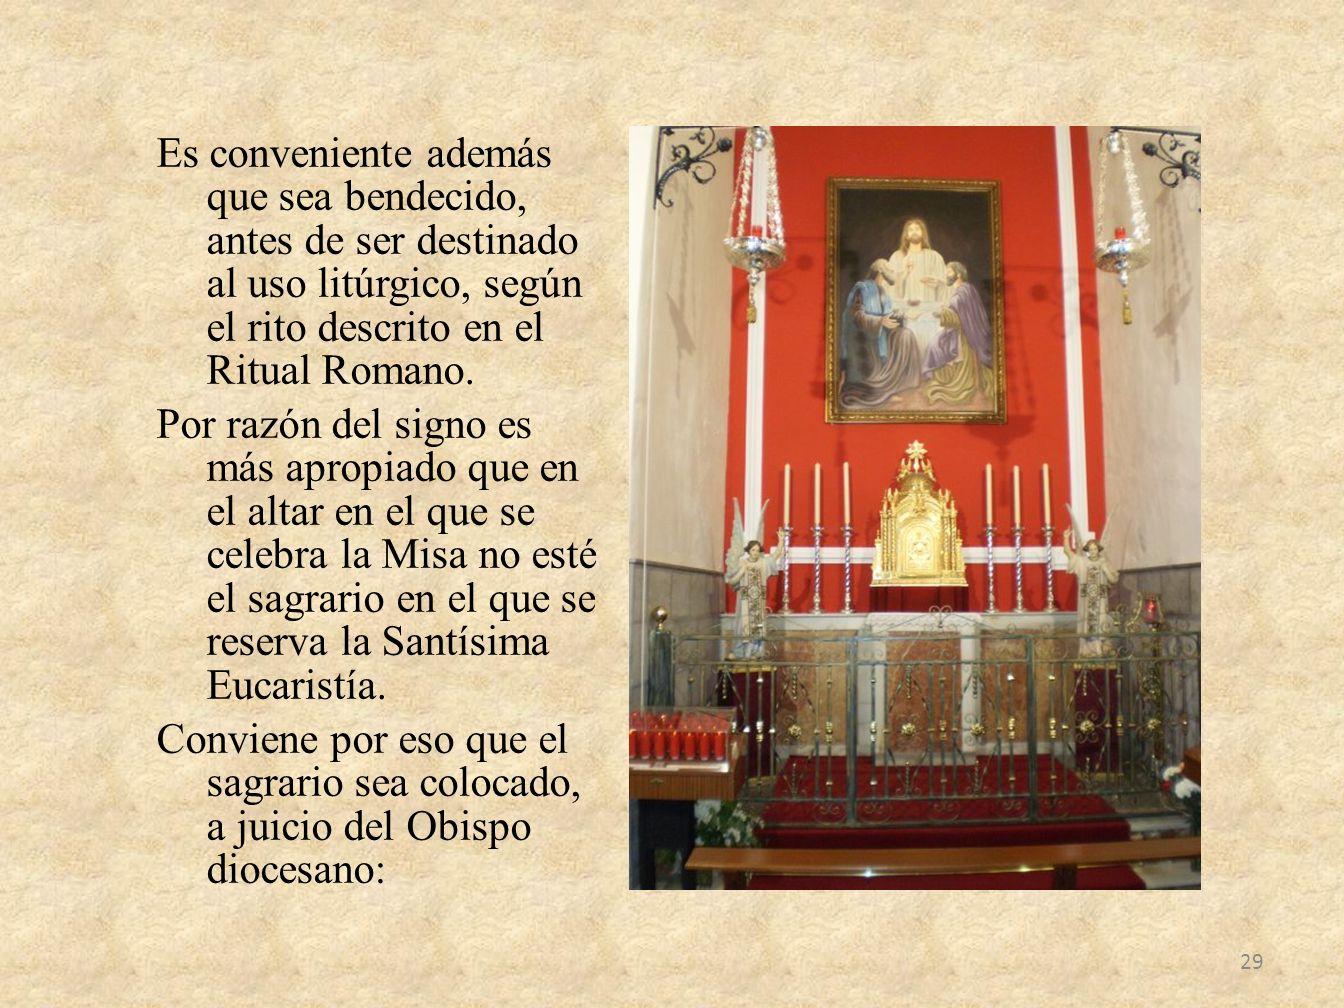 Es conveniente además que sea bendecido, antes de ser destinado al uso litúrgico, según el rito descrito en el Ritual Romano.